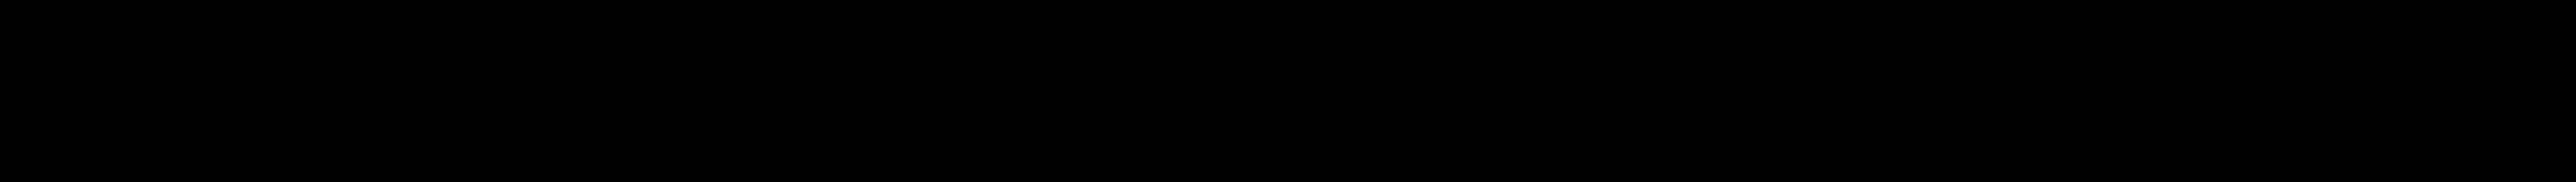 Logo Malmö Game on the world map - Malmö Game - @malmogame - malmogame.se